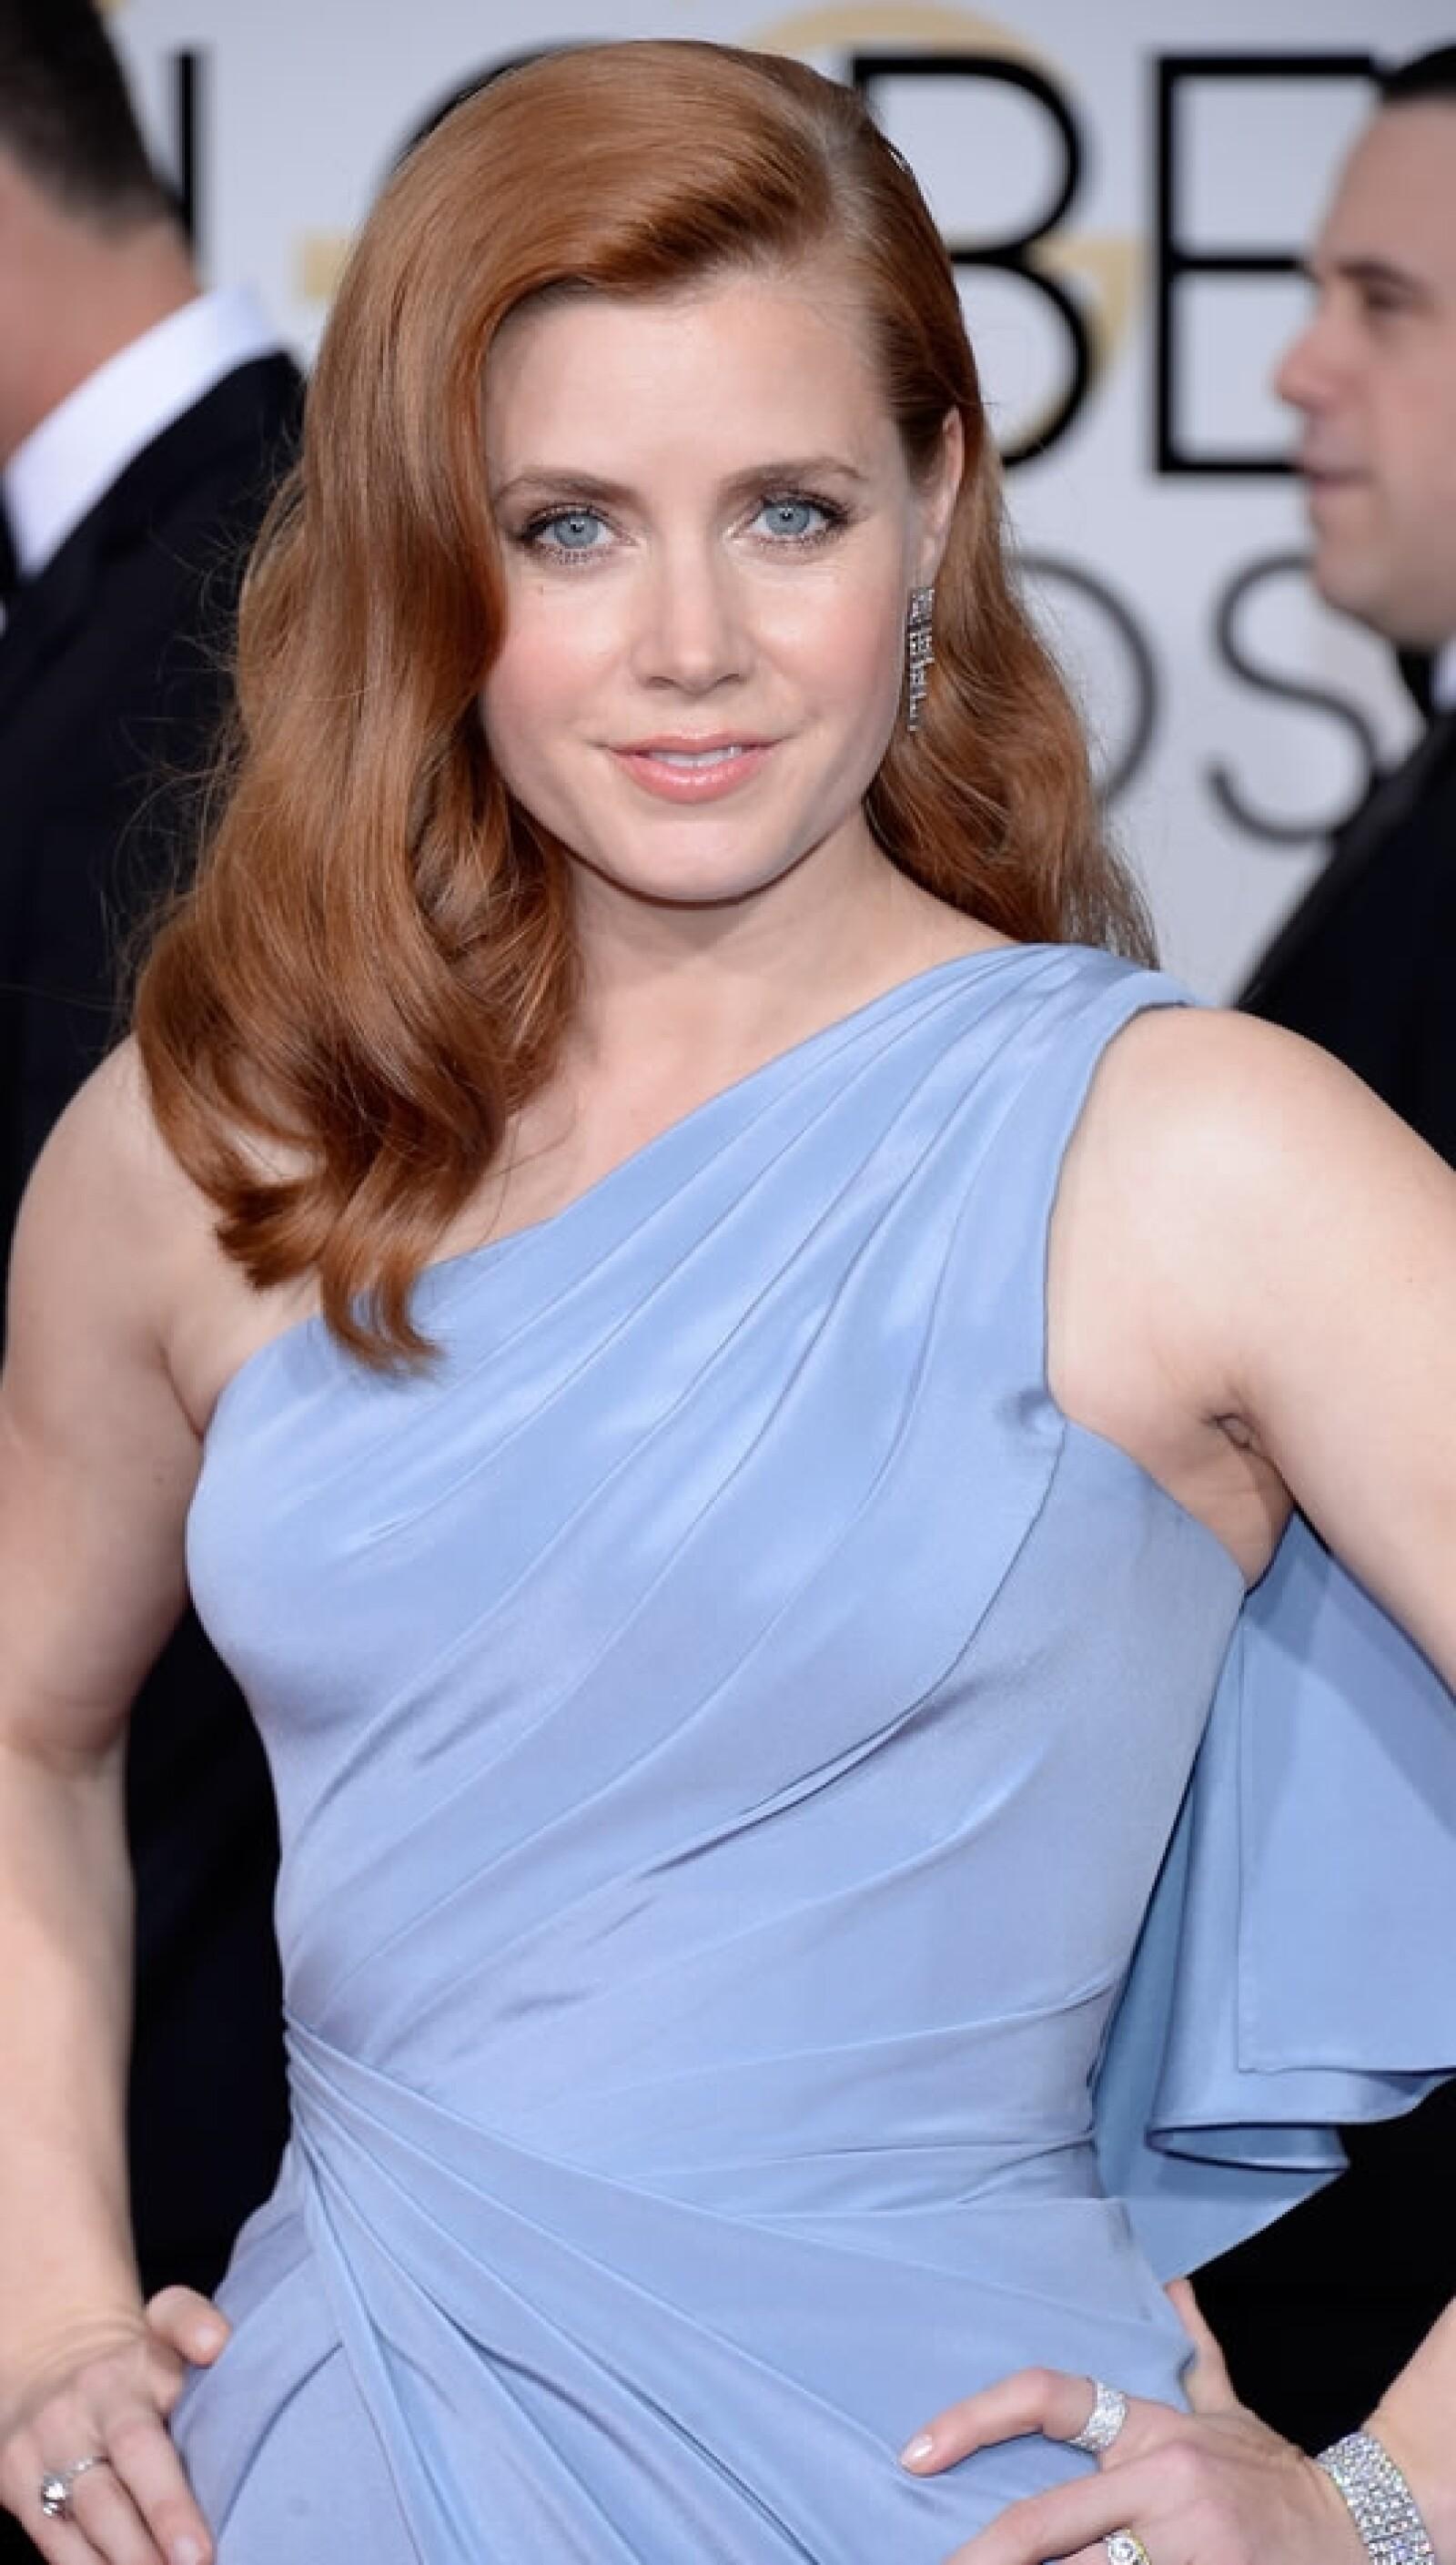 Amy Adams, de las actrices favoritas de Hollywood en los últimos años